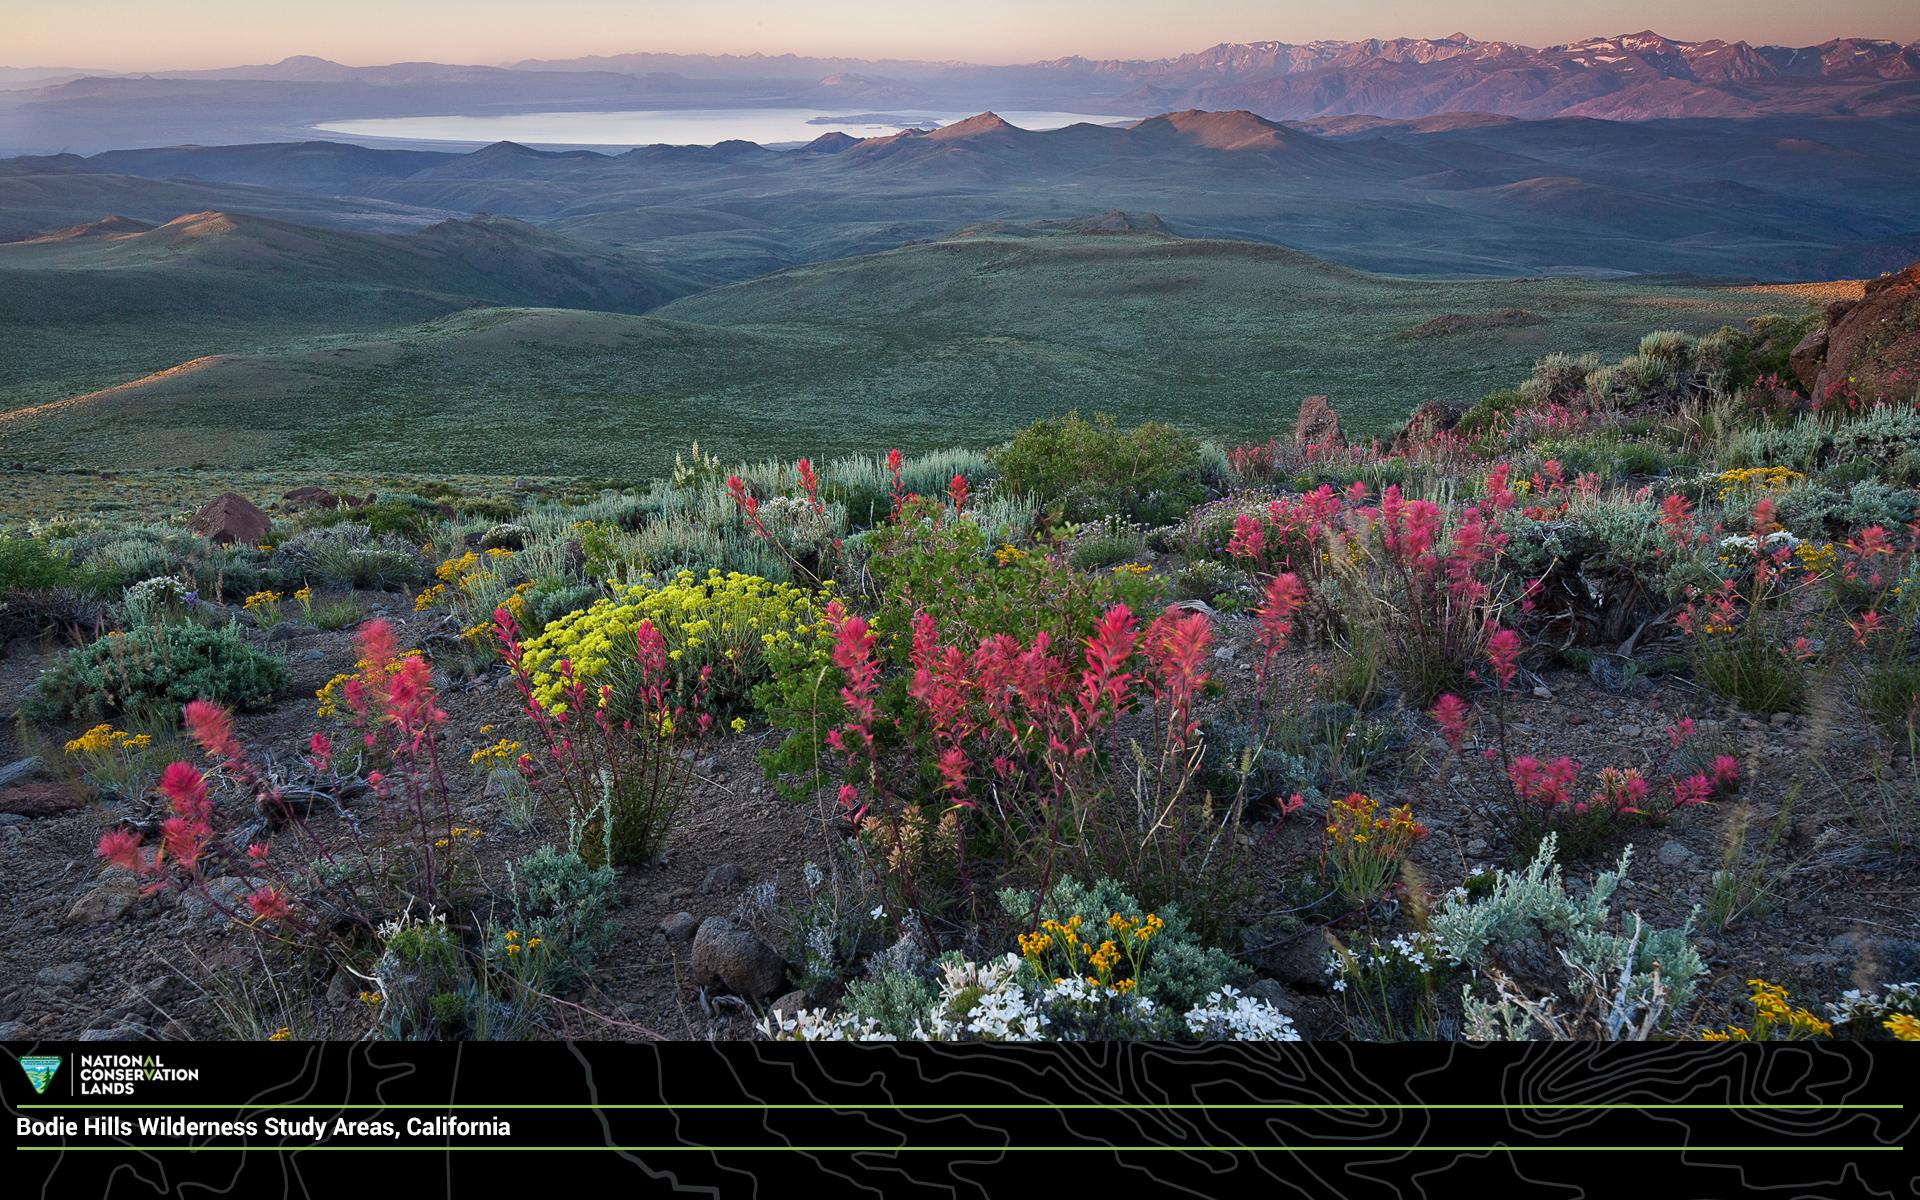 April Conservationlands15 Social Media Takeover Download - Sagebrush Bloom , HD Wallpaper & Backgrounds